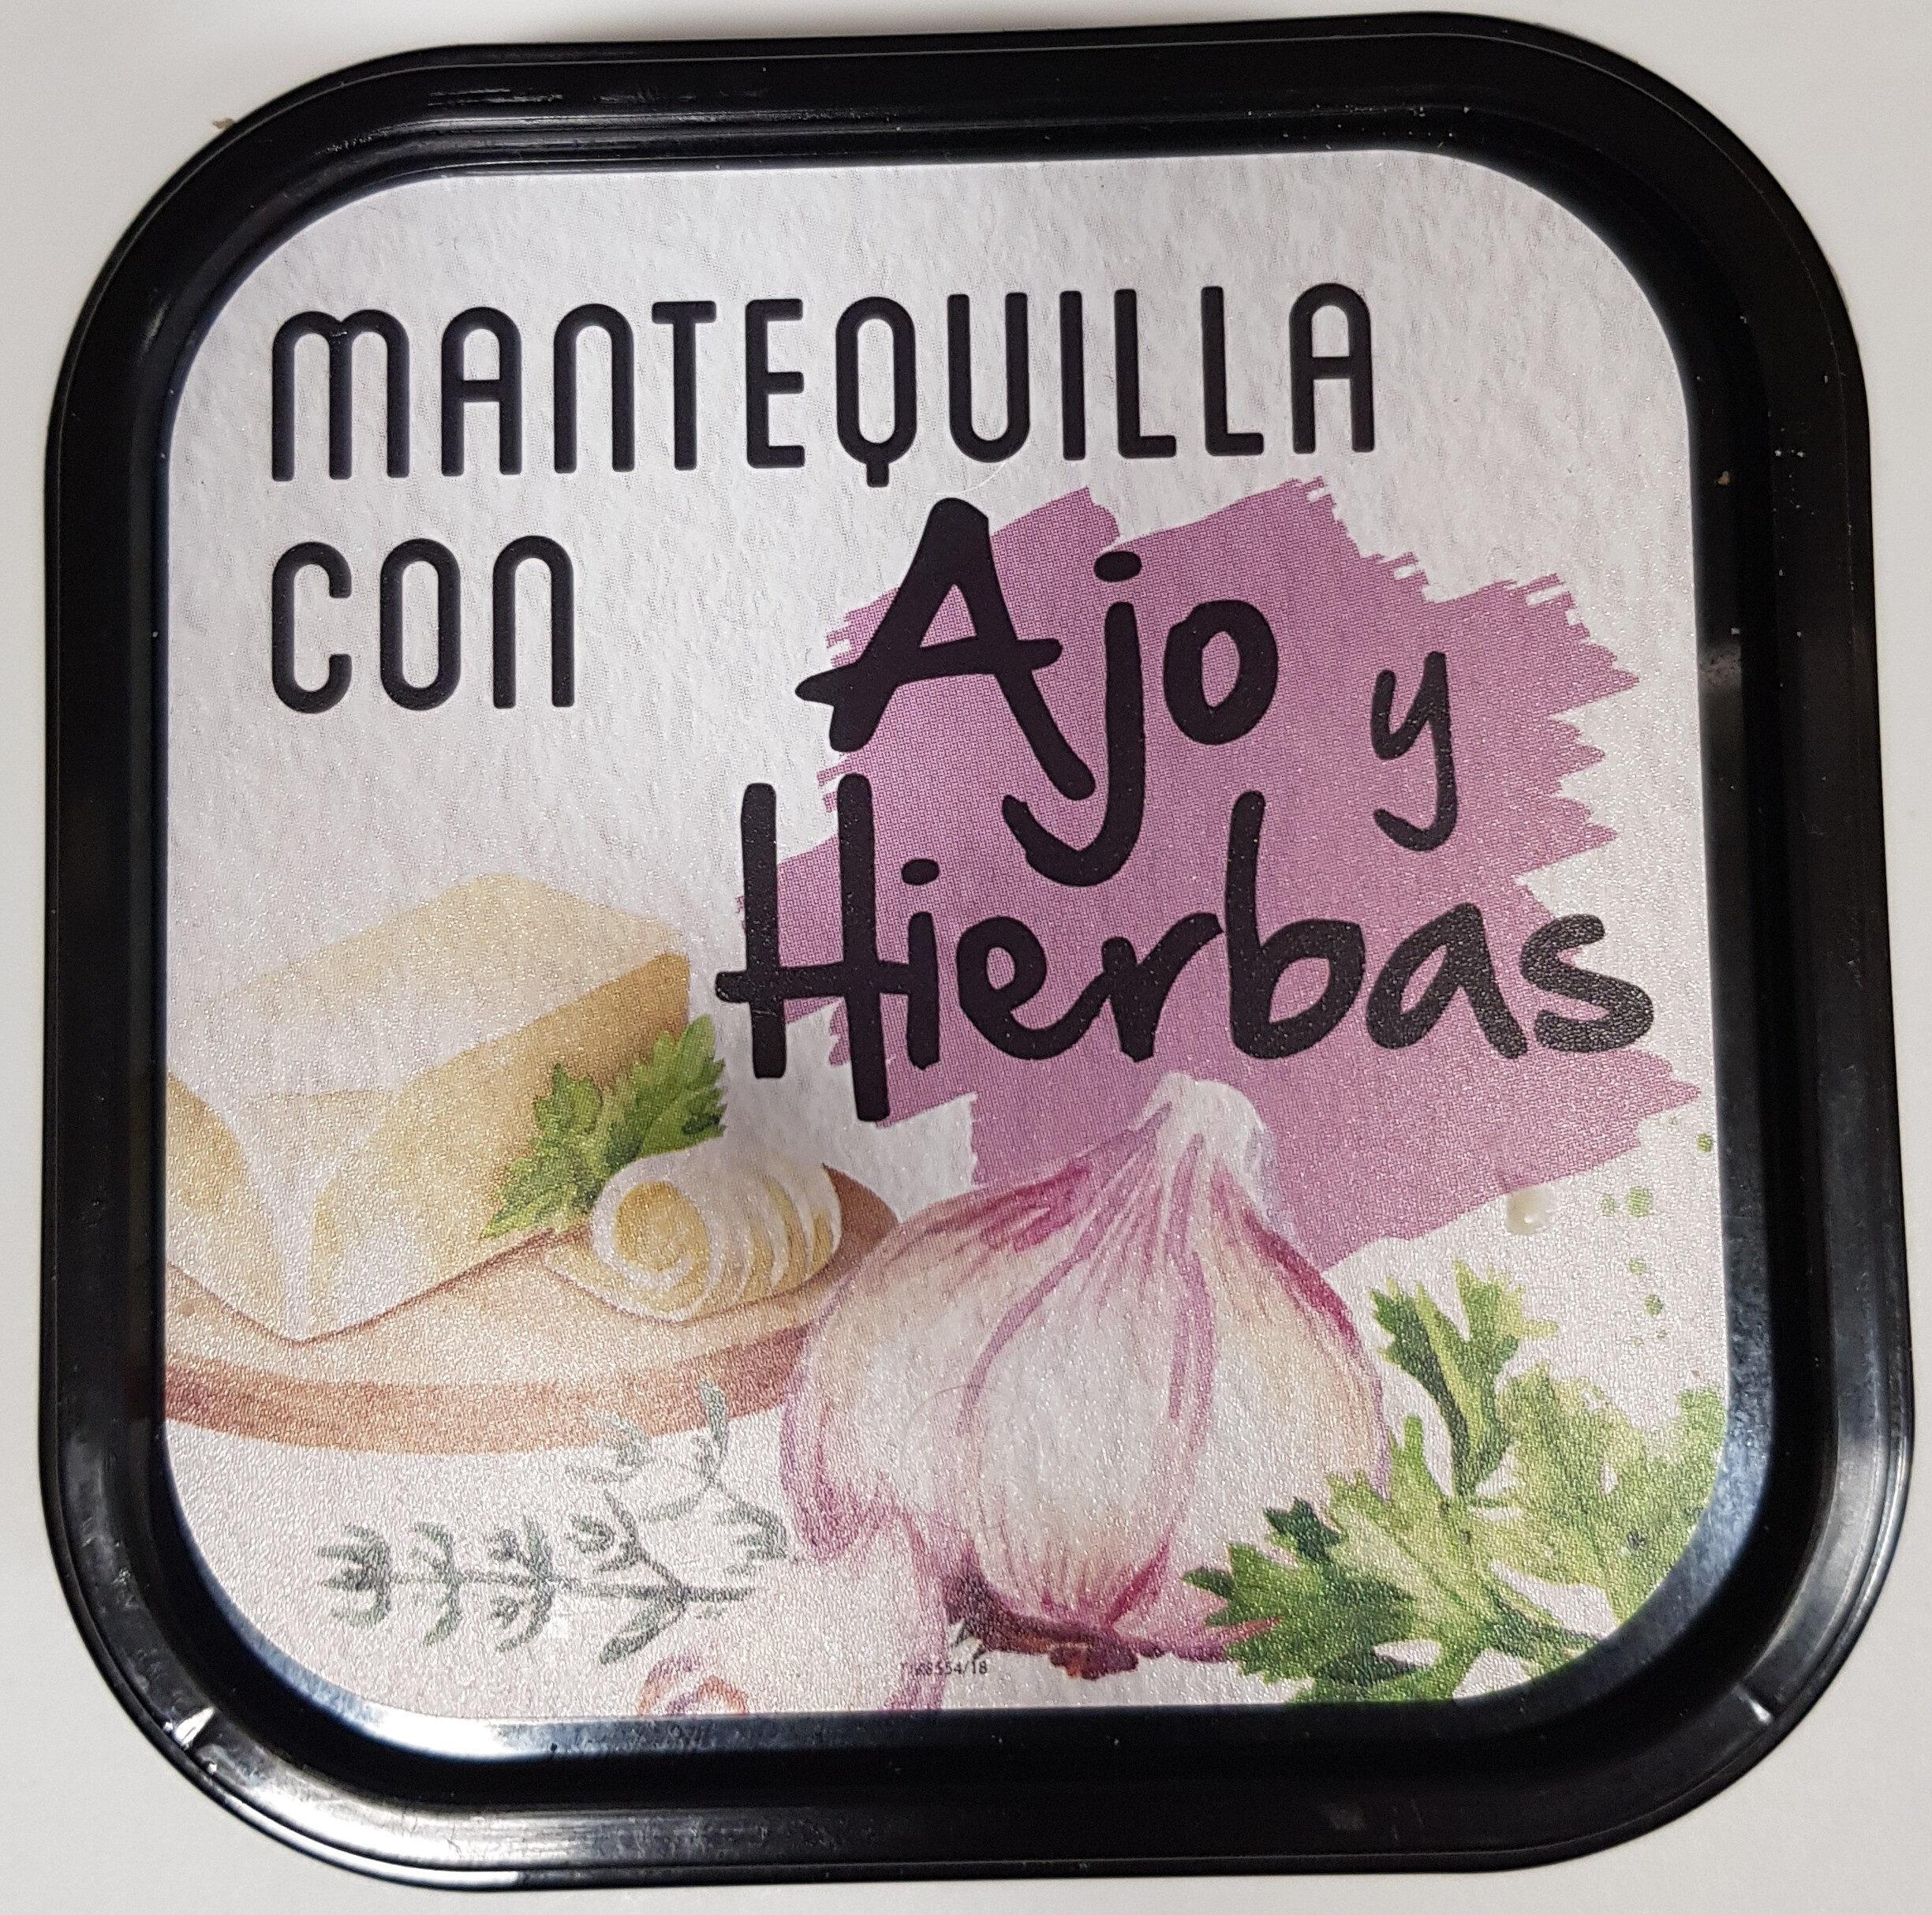 Mantequilla con ajo y hierbas - Producte - es